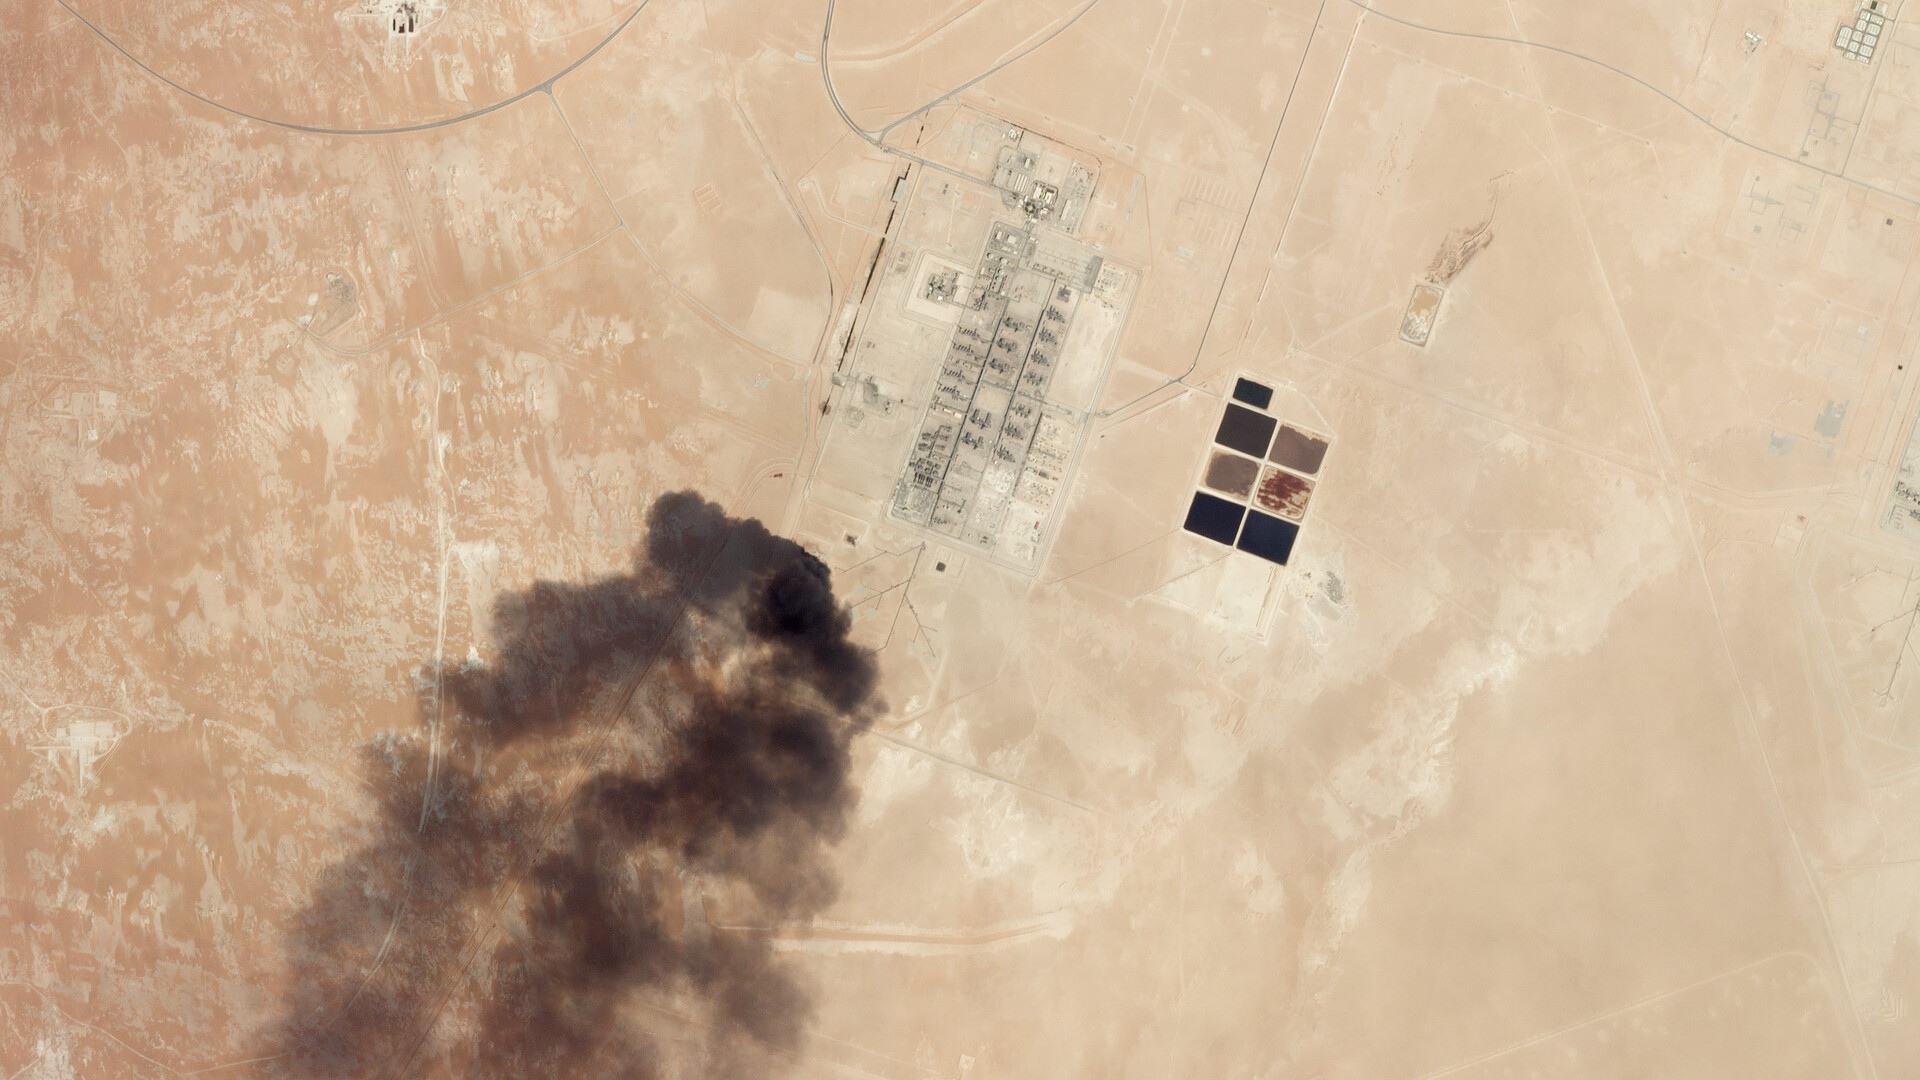 محلل سابق في CIA: السعودية دفعت أموالا طائلة لمعرفة من أين أتت الصواريخ!